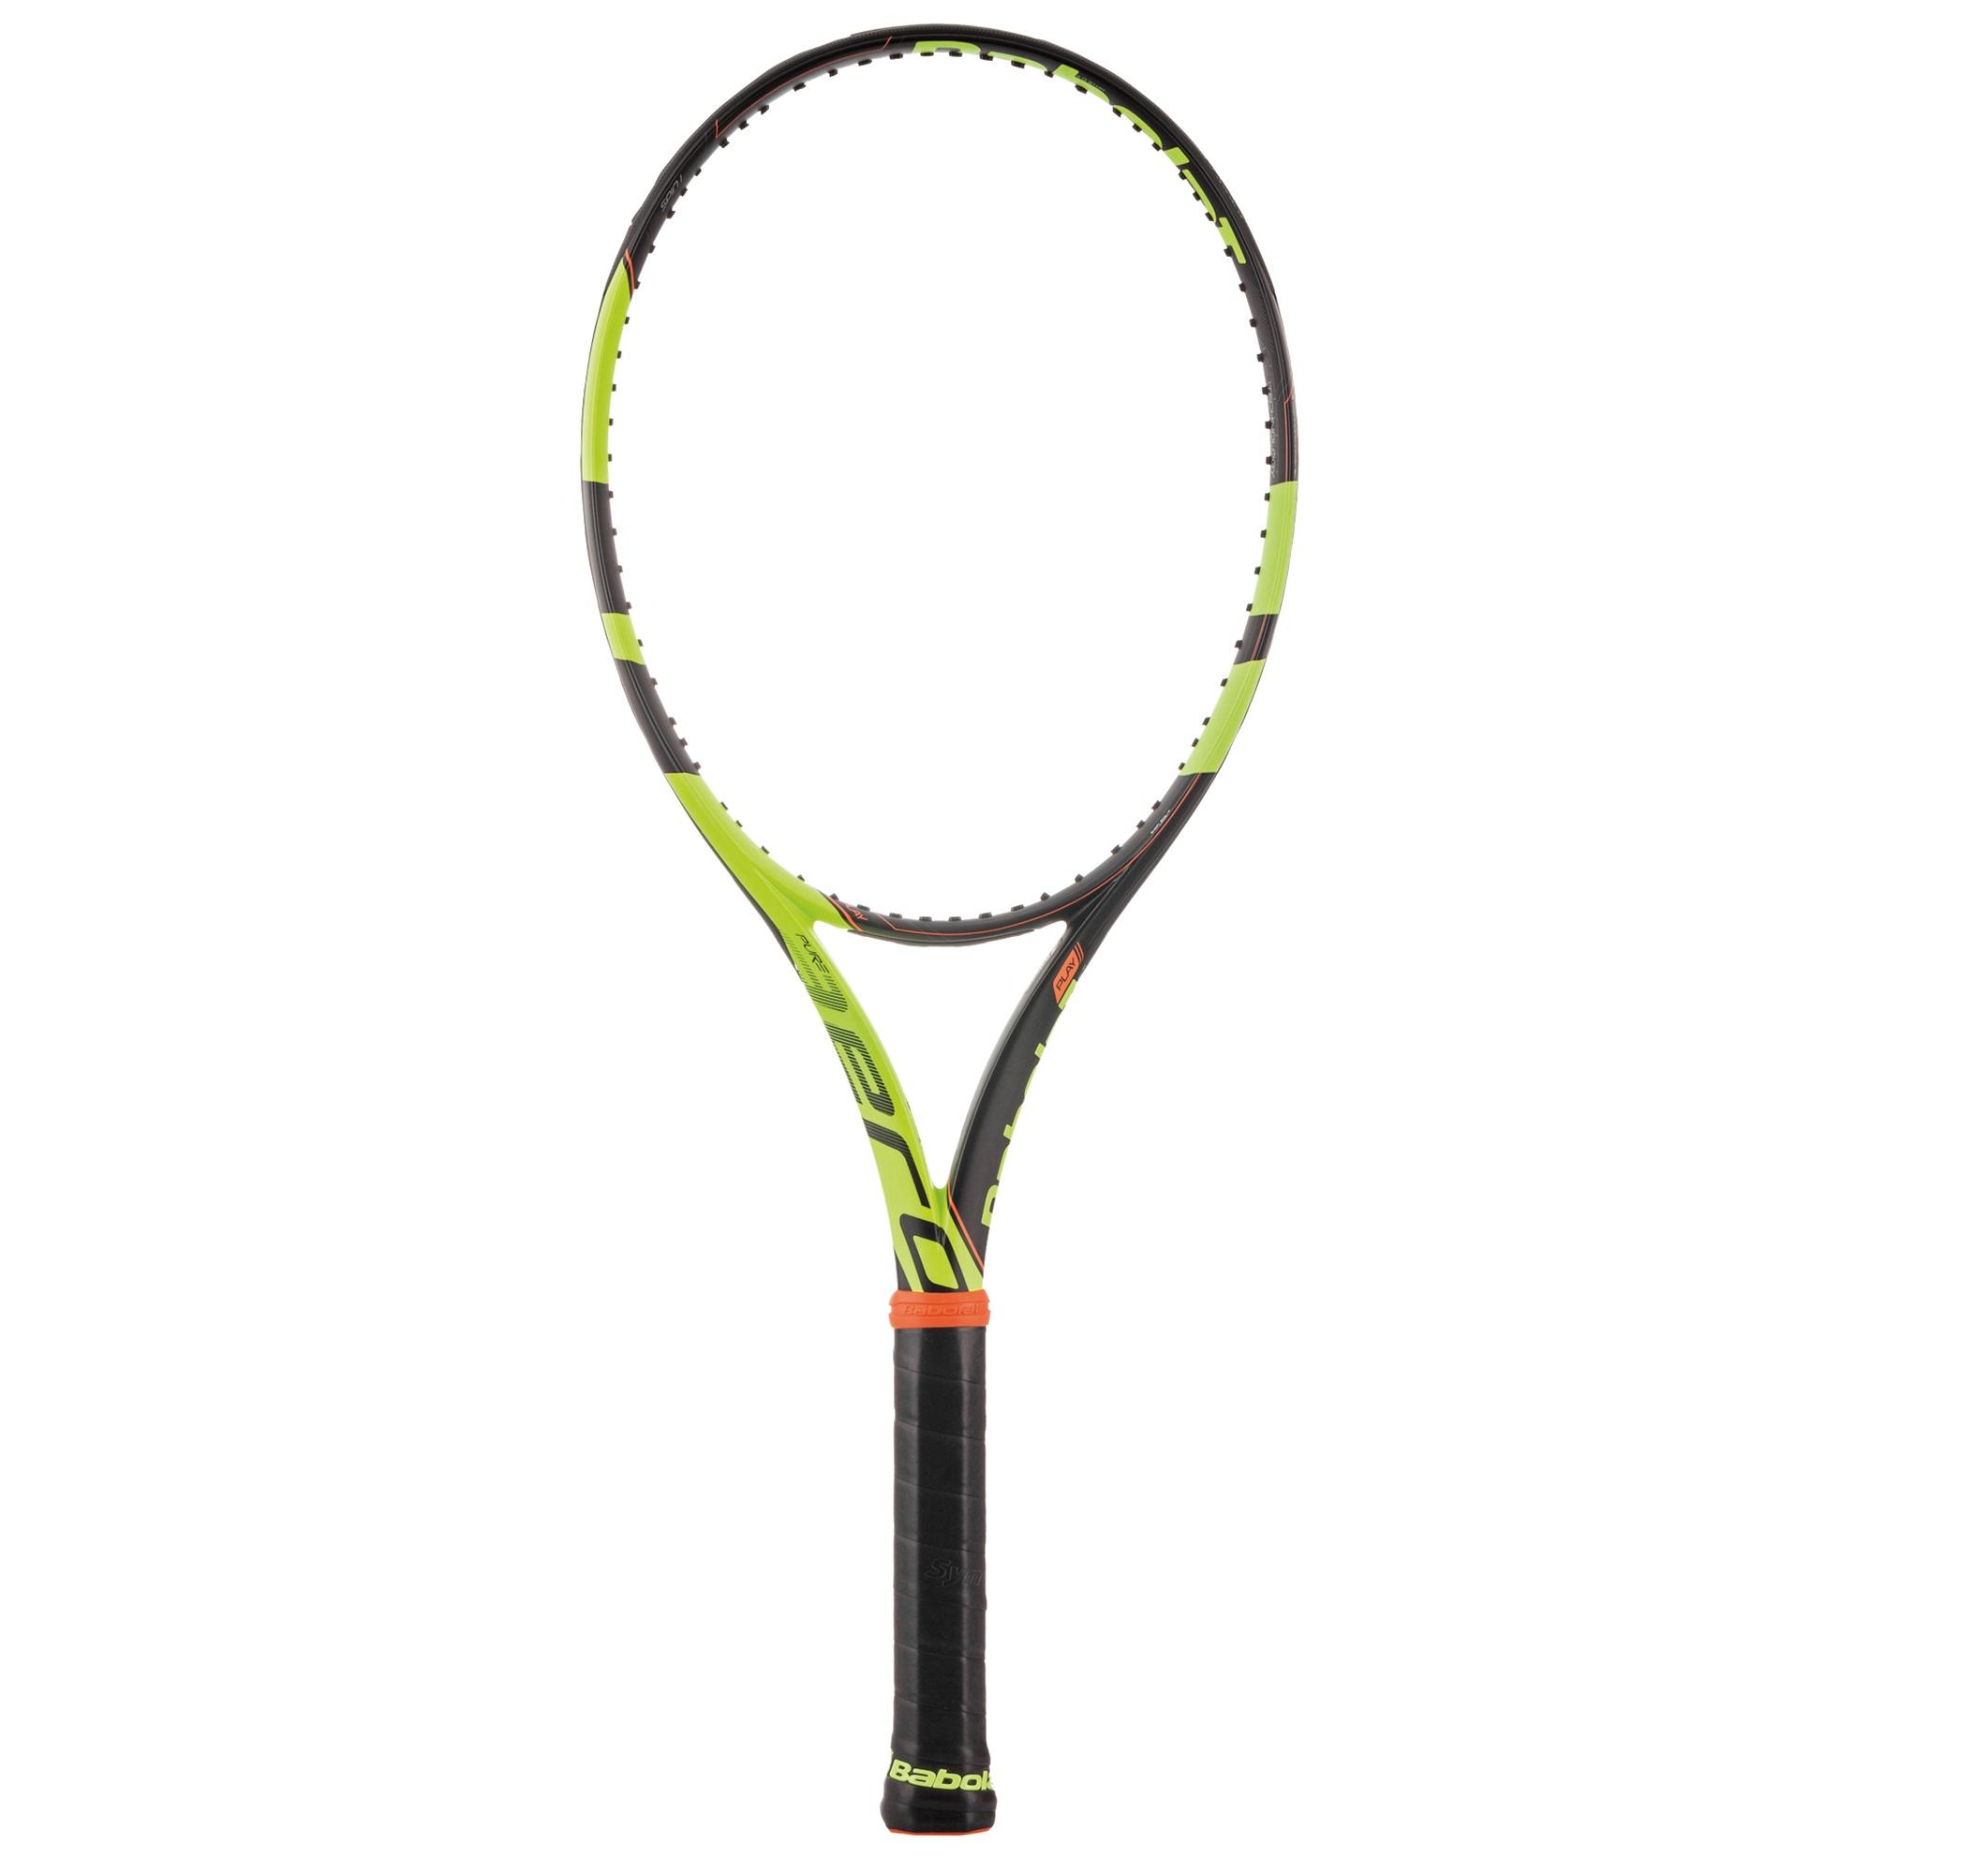 Babolat Ракетка для большого тенниса Pure Aero Play Unstrung